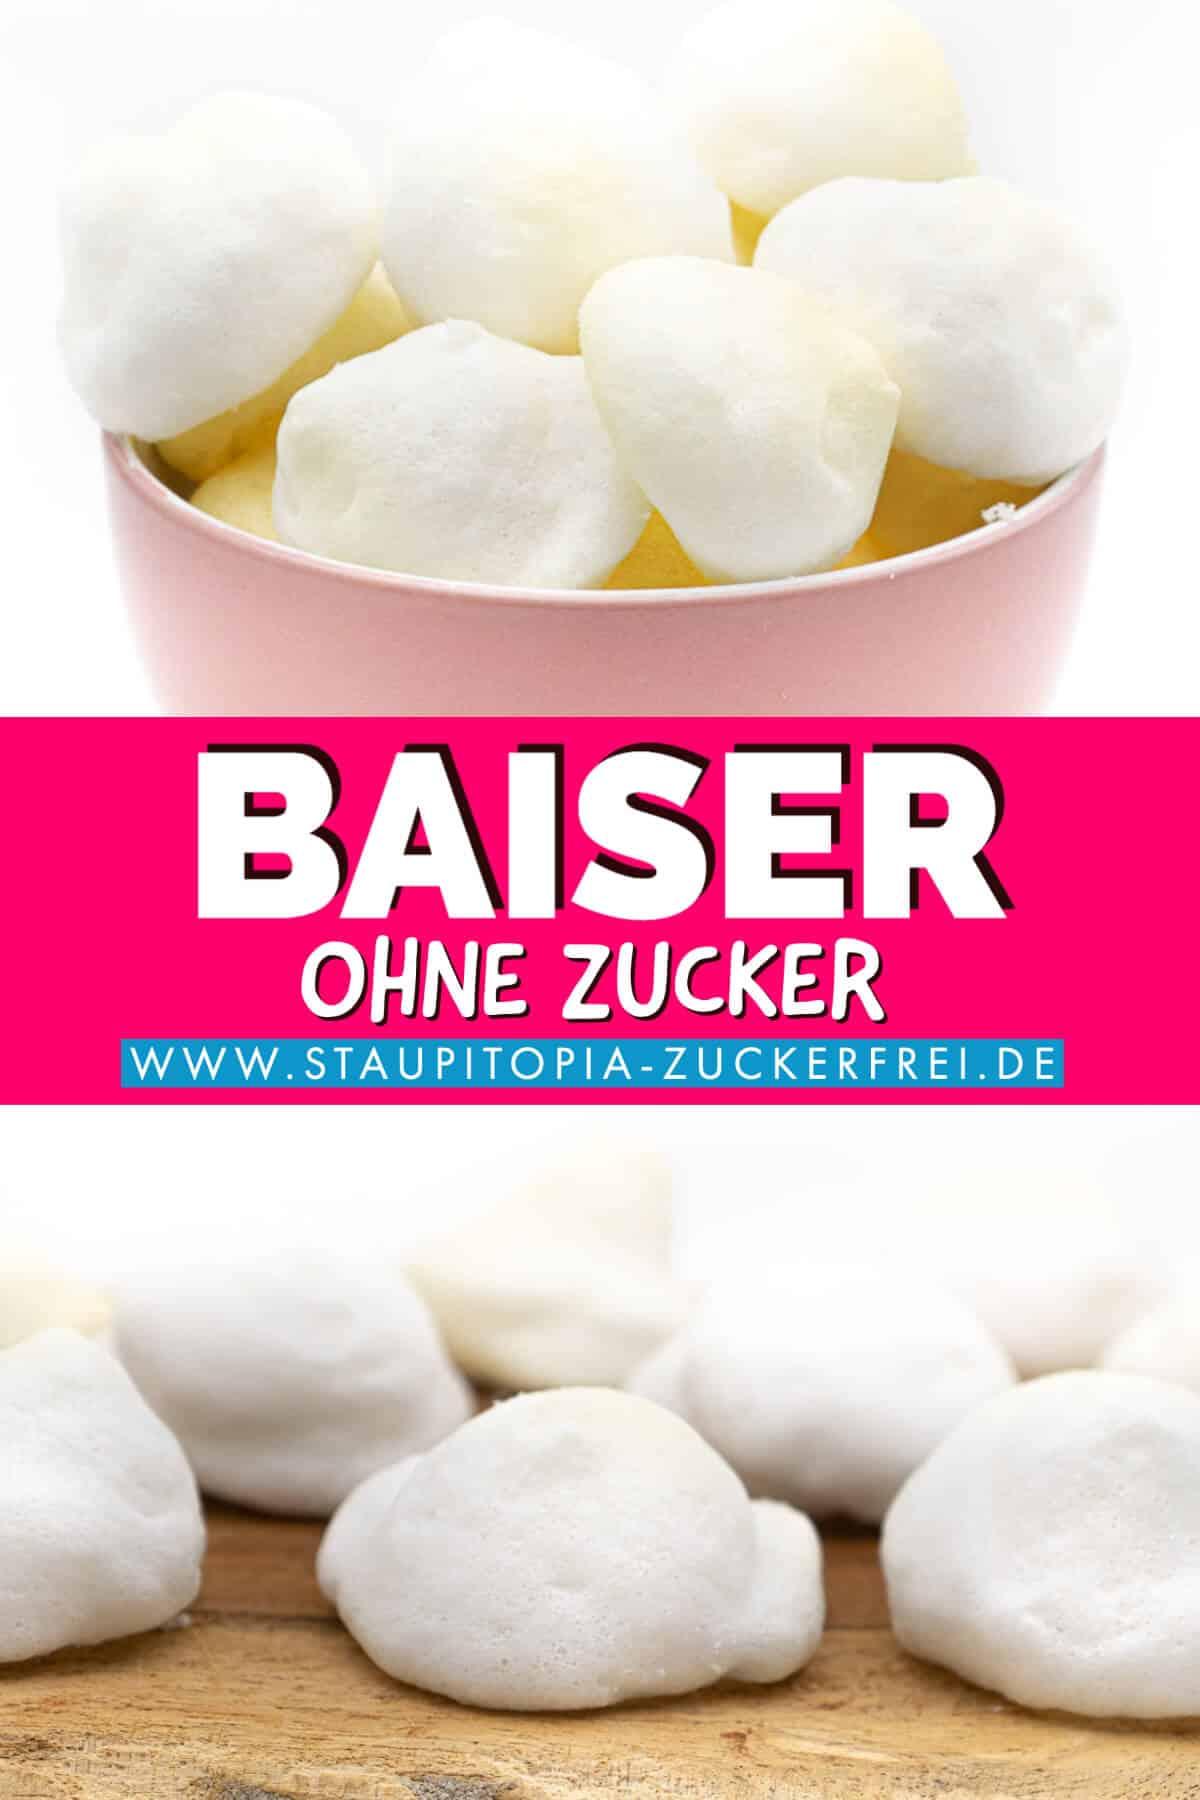 Baiser ohne Zucker aus Eischnee und Erythrit selber machen.